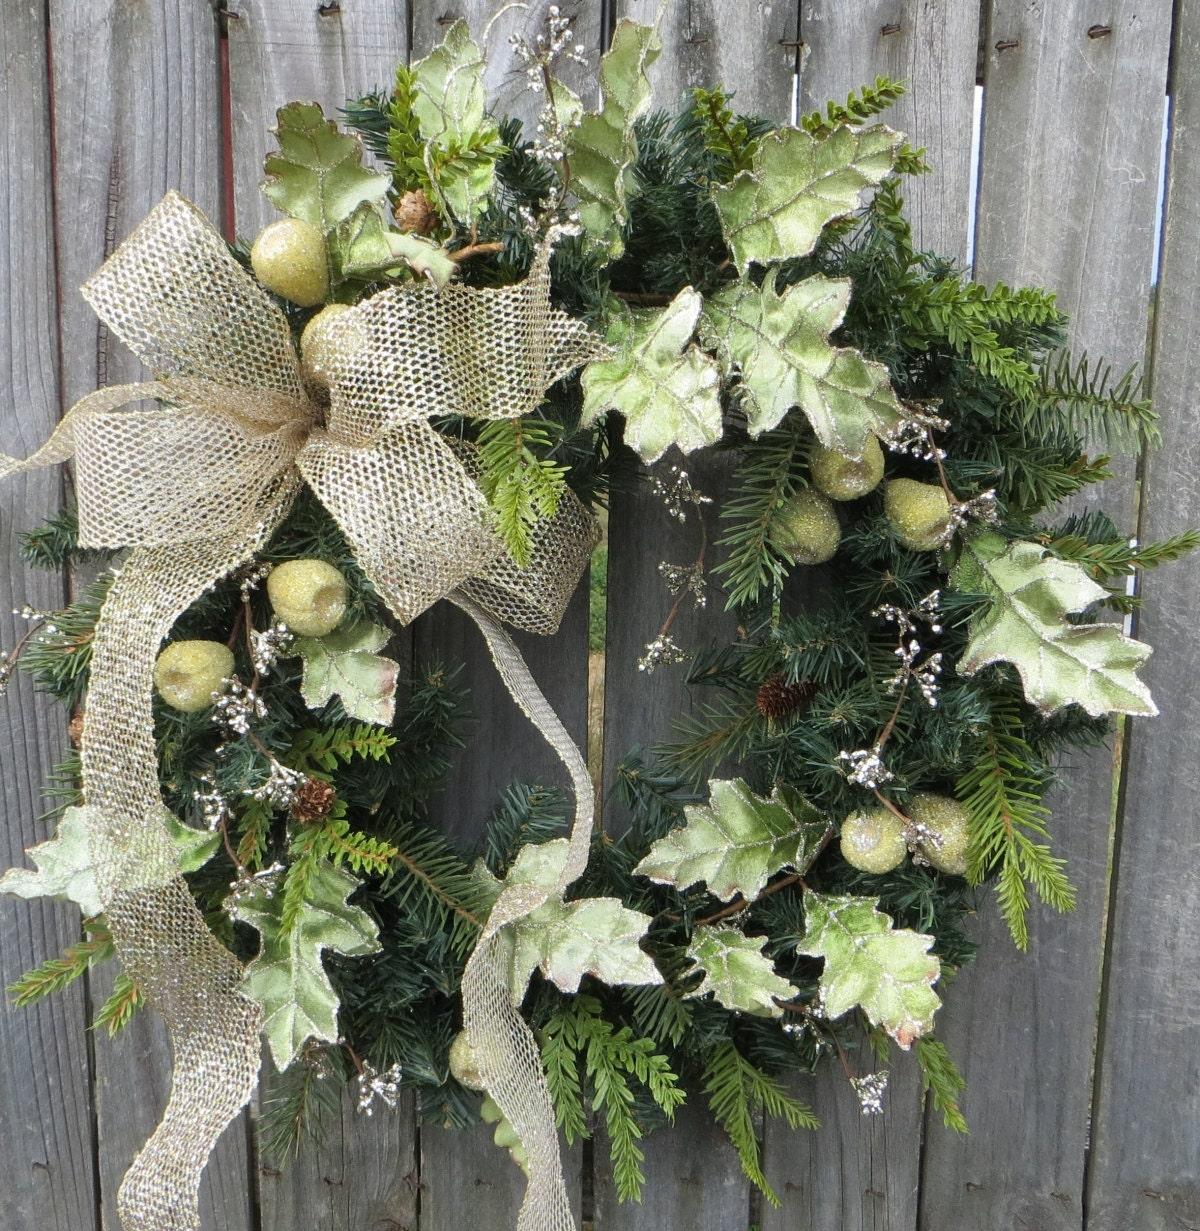 Christmas wreath holday wreath front door wreath winter for Front door xmas wreaths